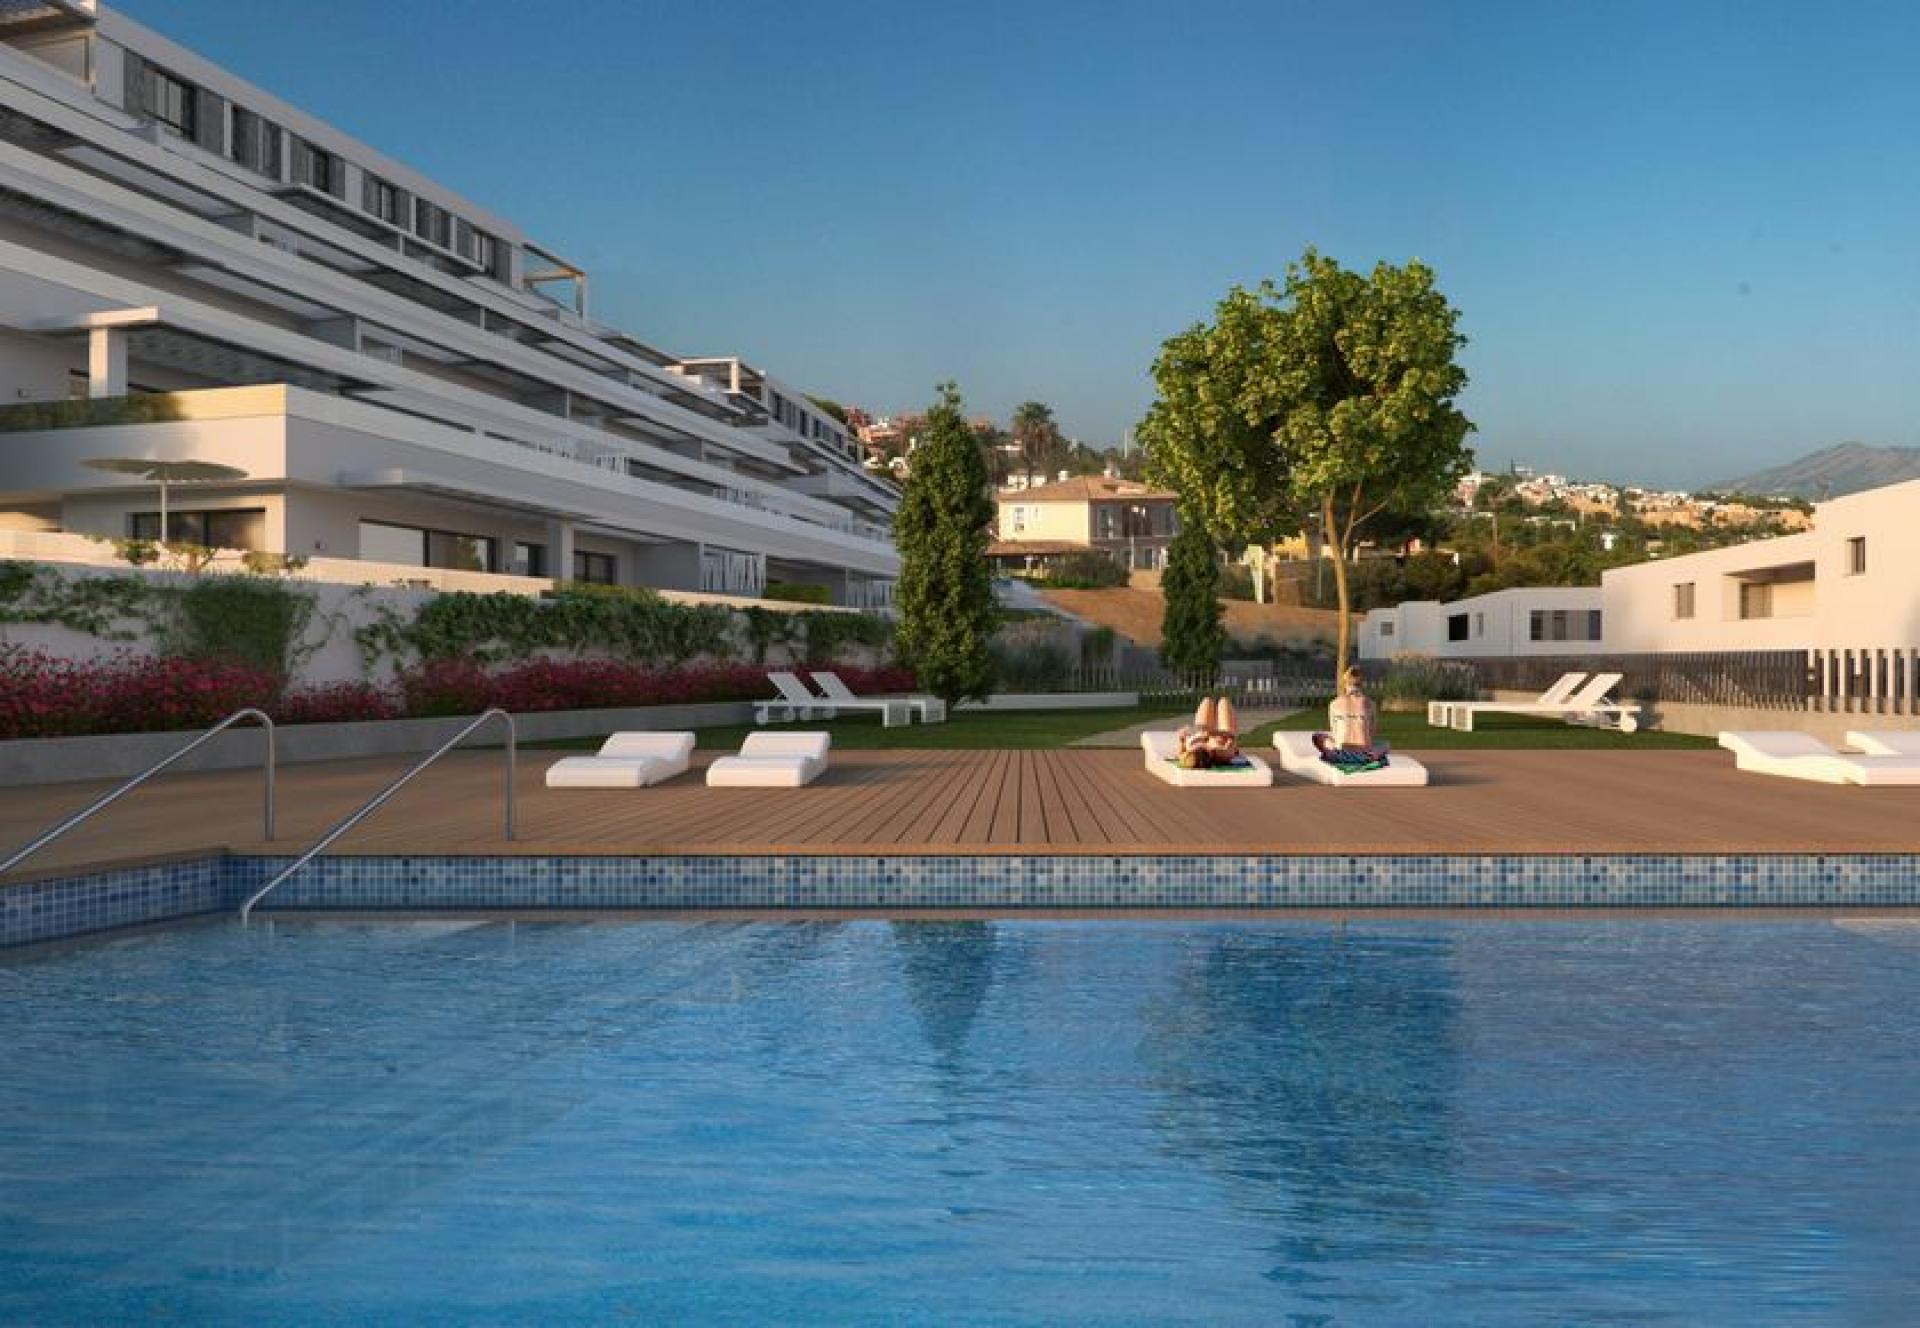 2 Slaapkamer Appartement met terras in Finestrat - Nieuwbouw in Medvilla Spanje